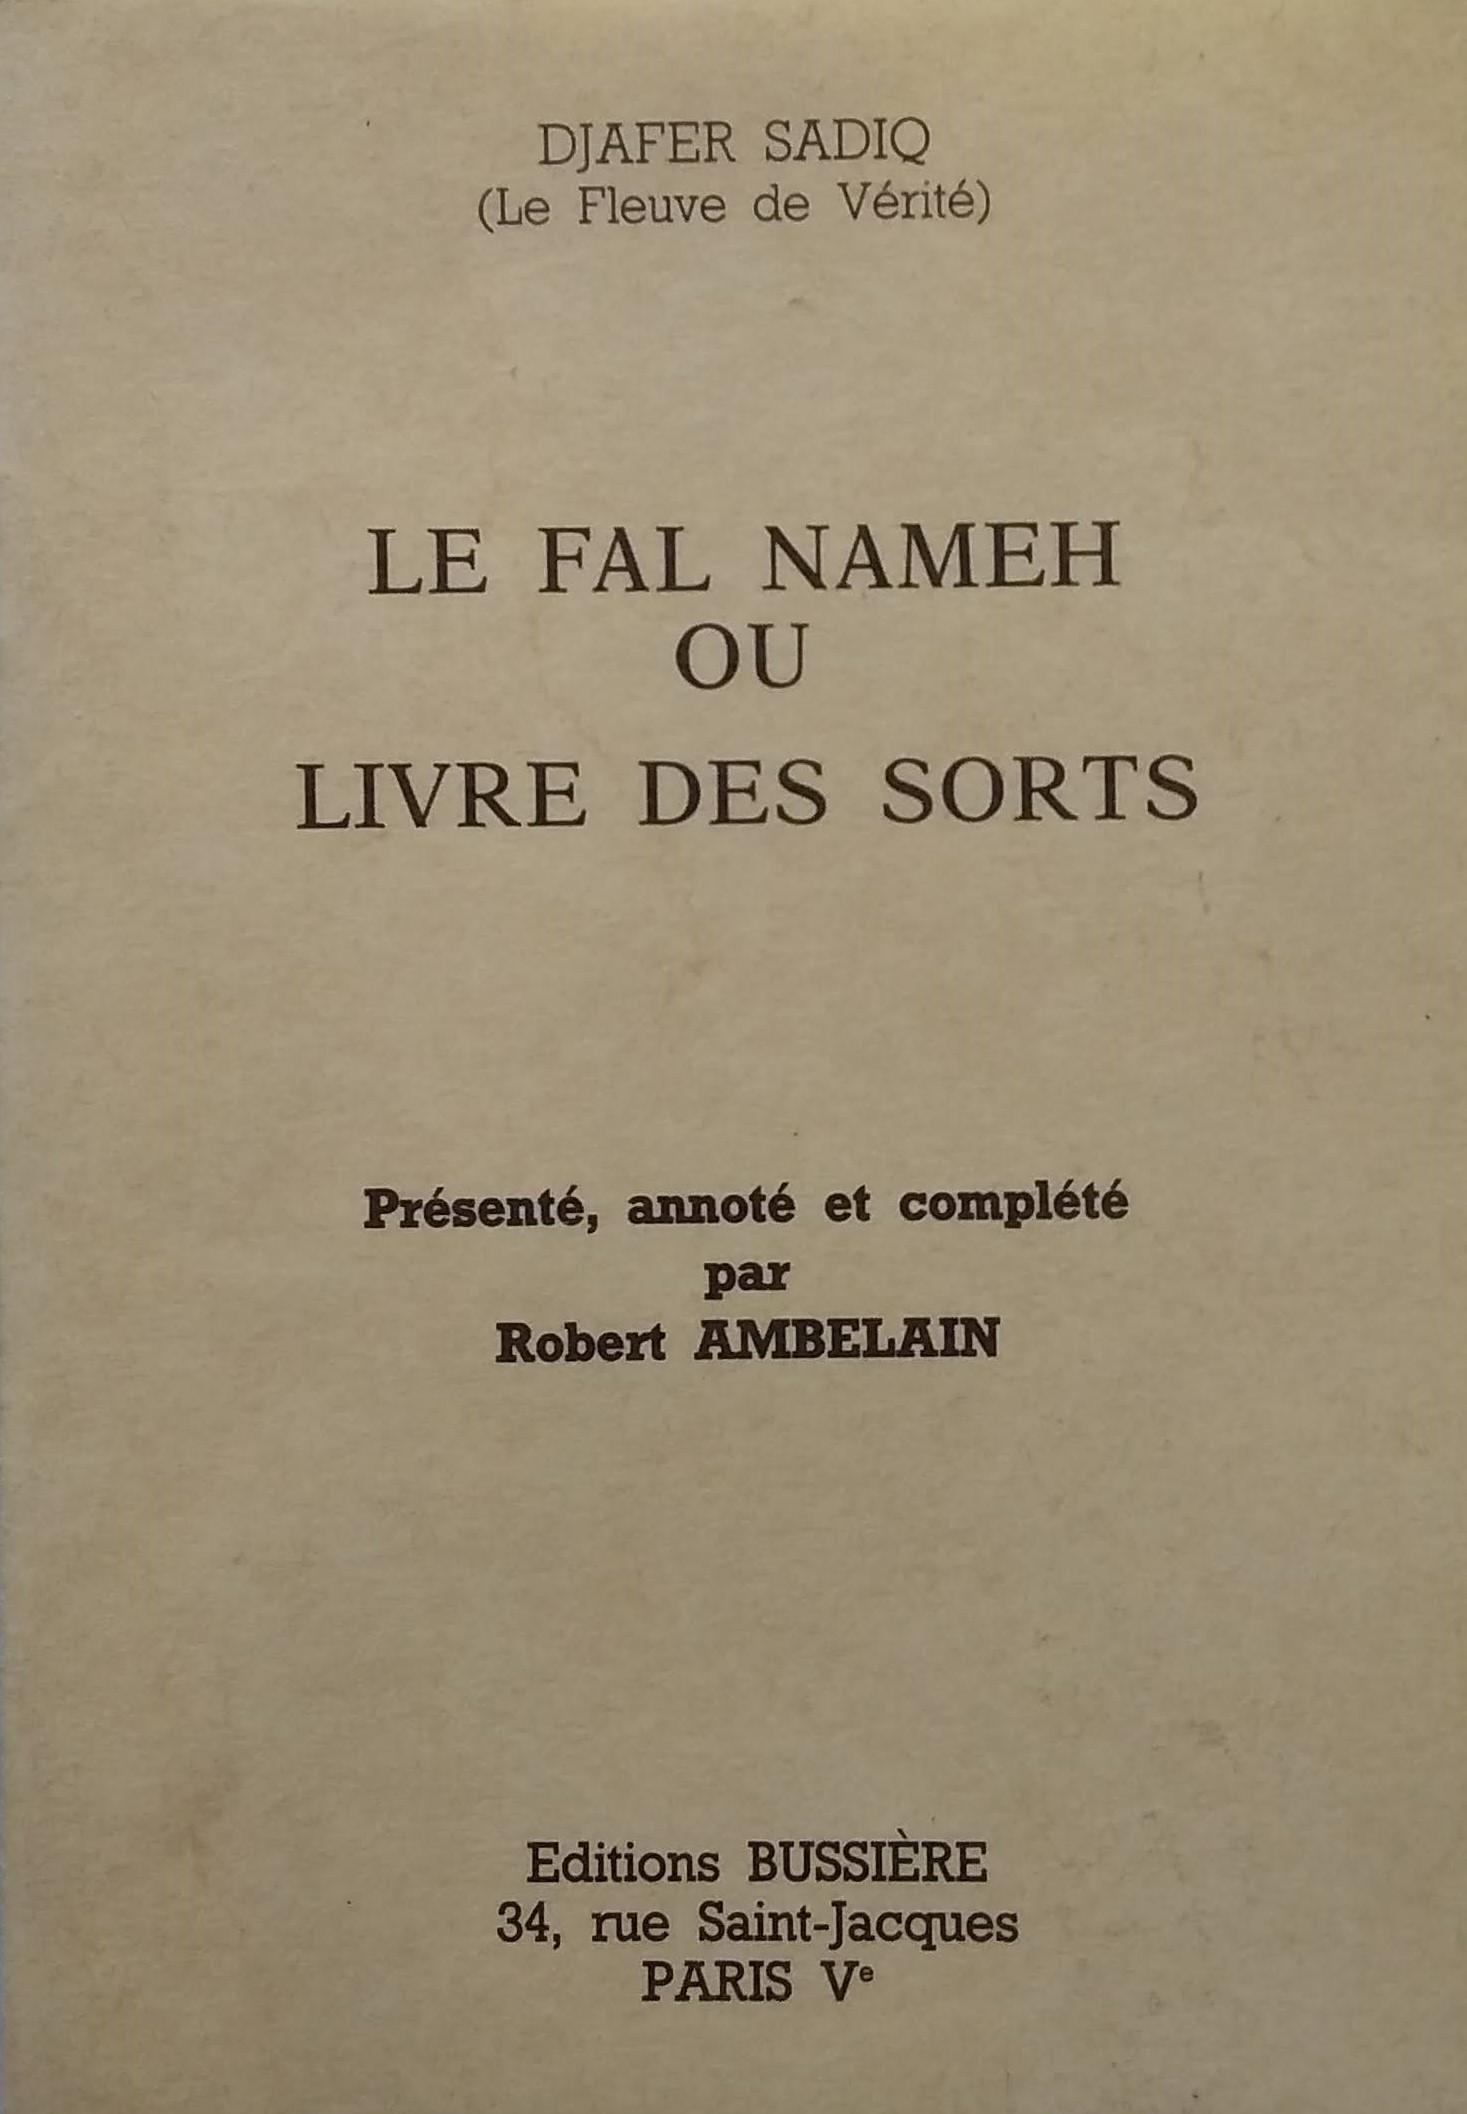 Le Fal Nameh ou Livre des Sorts